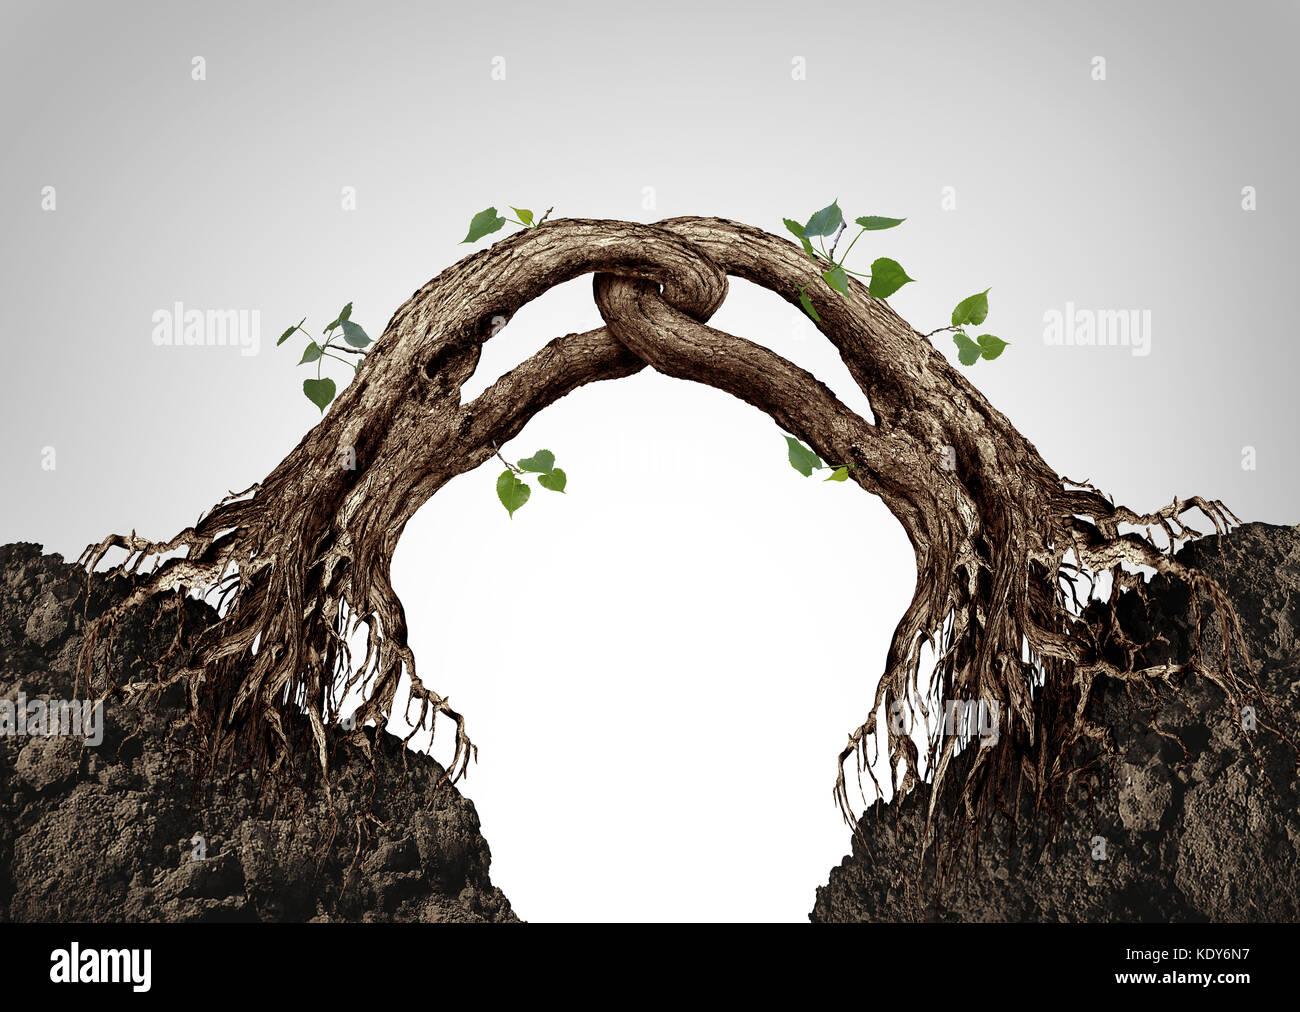 Conectados juntos concepto y símbolo de sinergia como dos árboles de fusión y ligados en una cadena Imagen De Stock